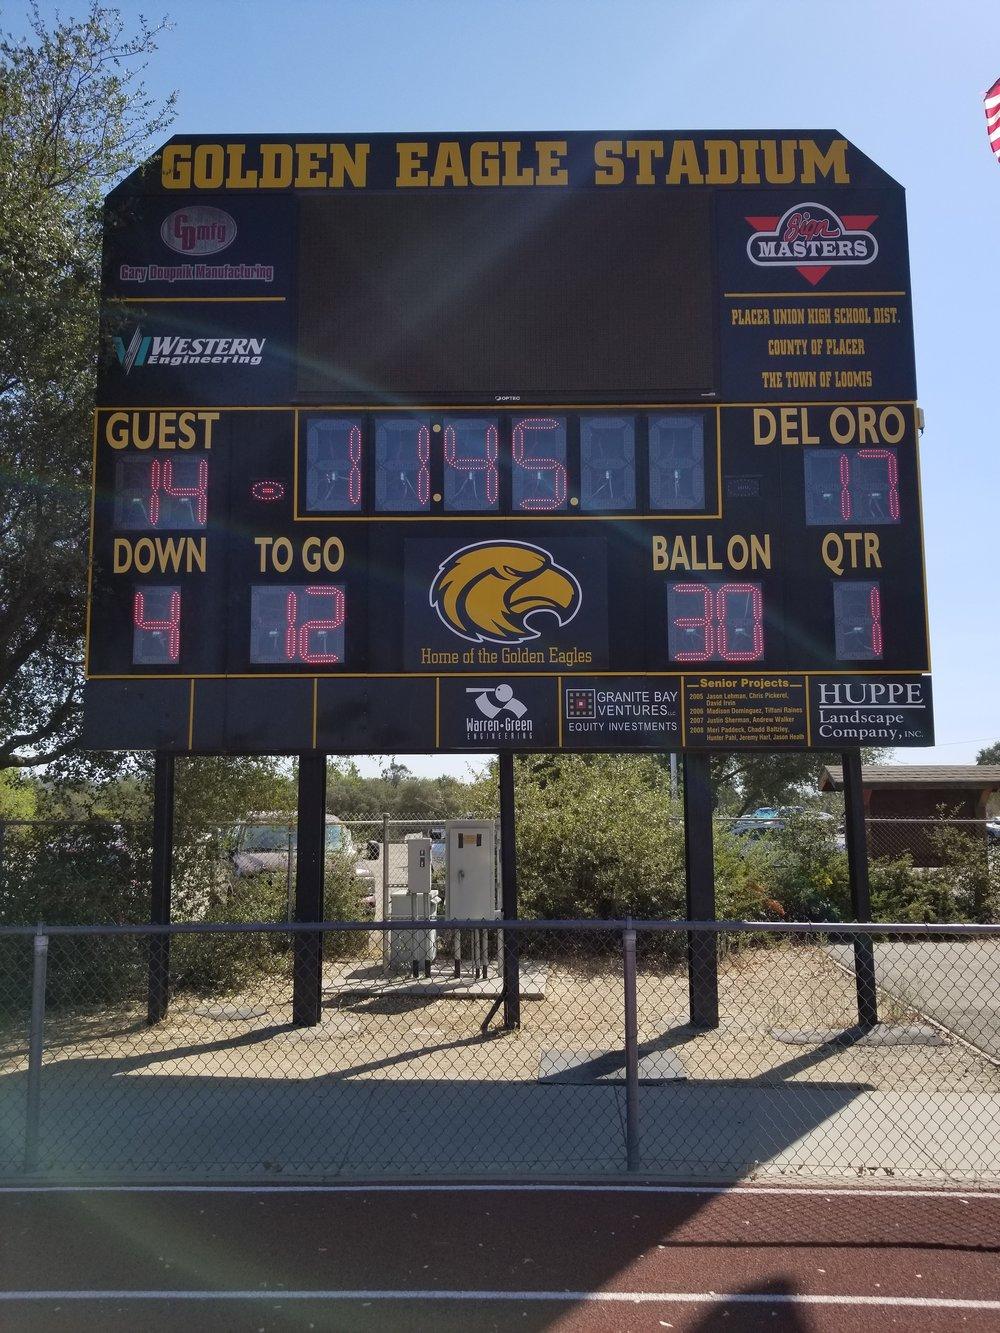 del oro scoreboard.jpg